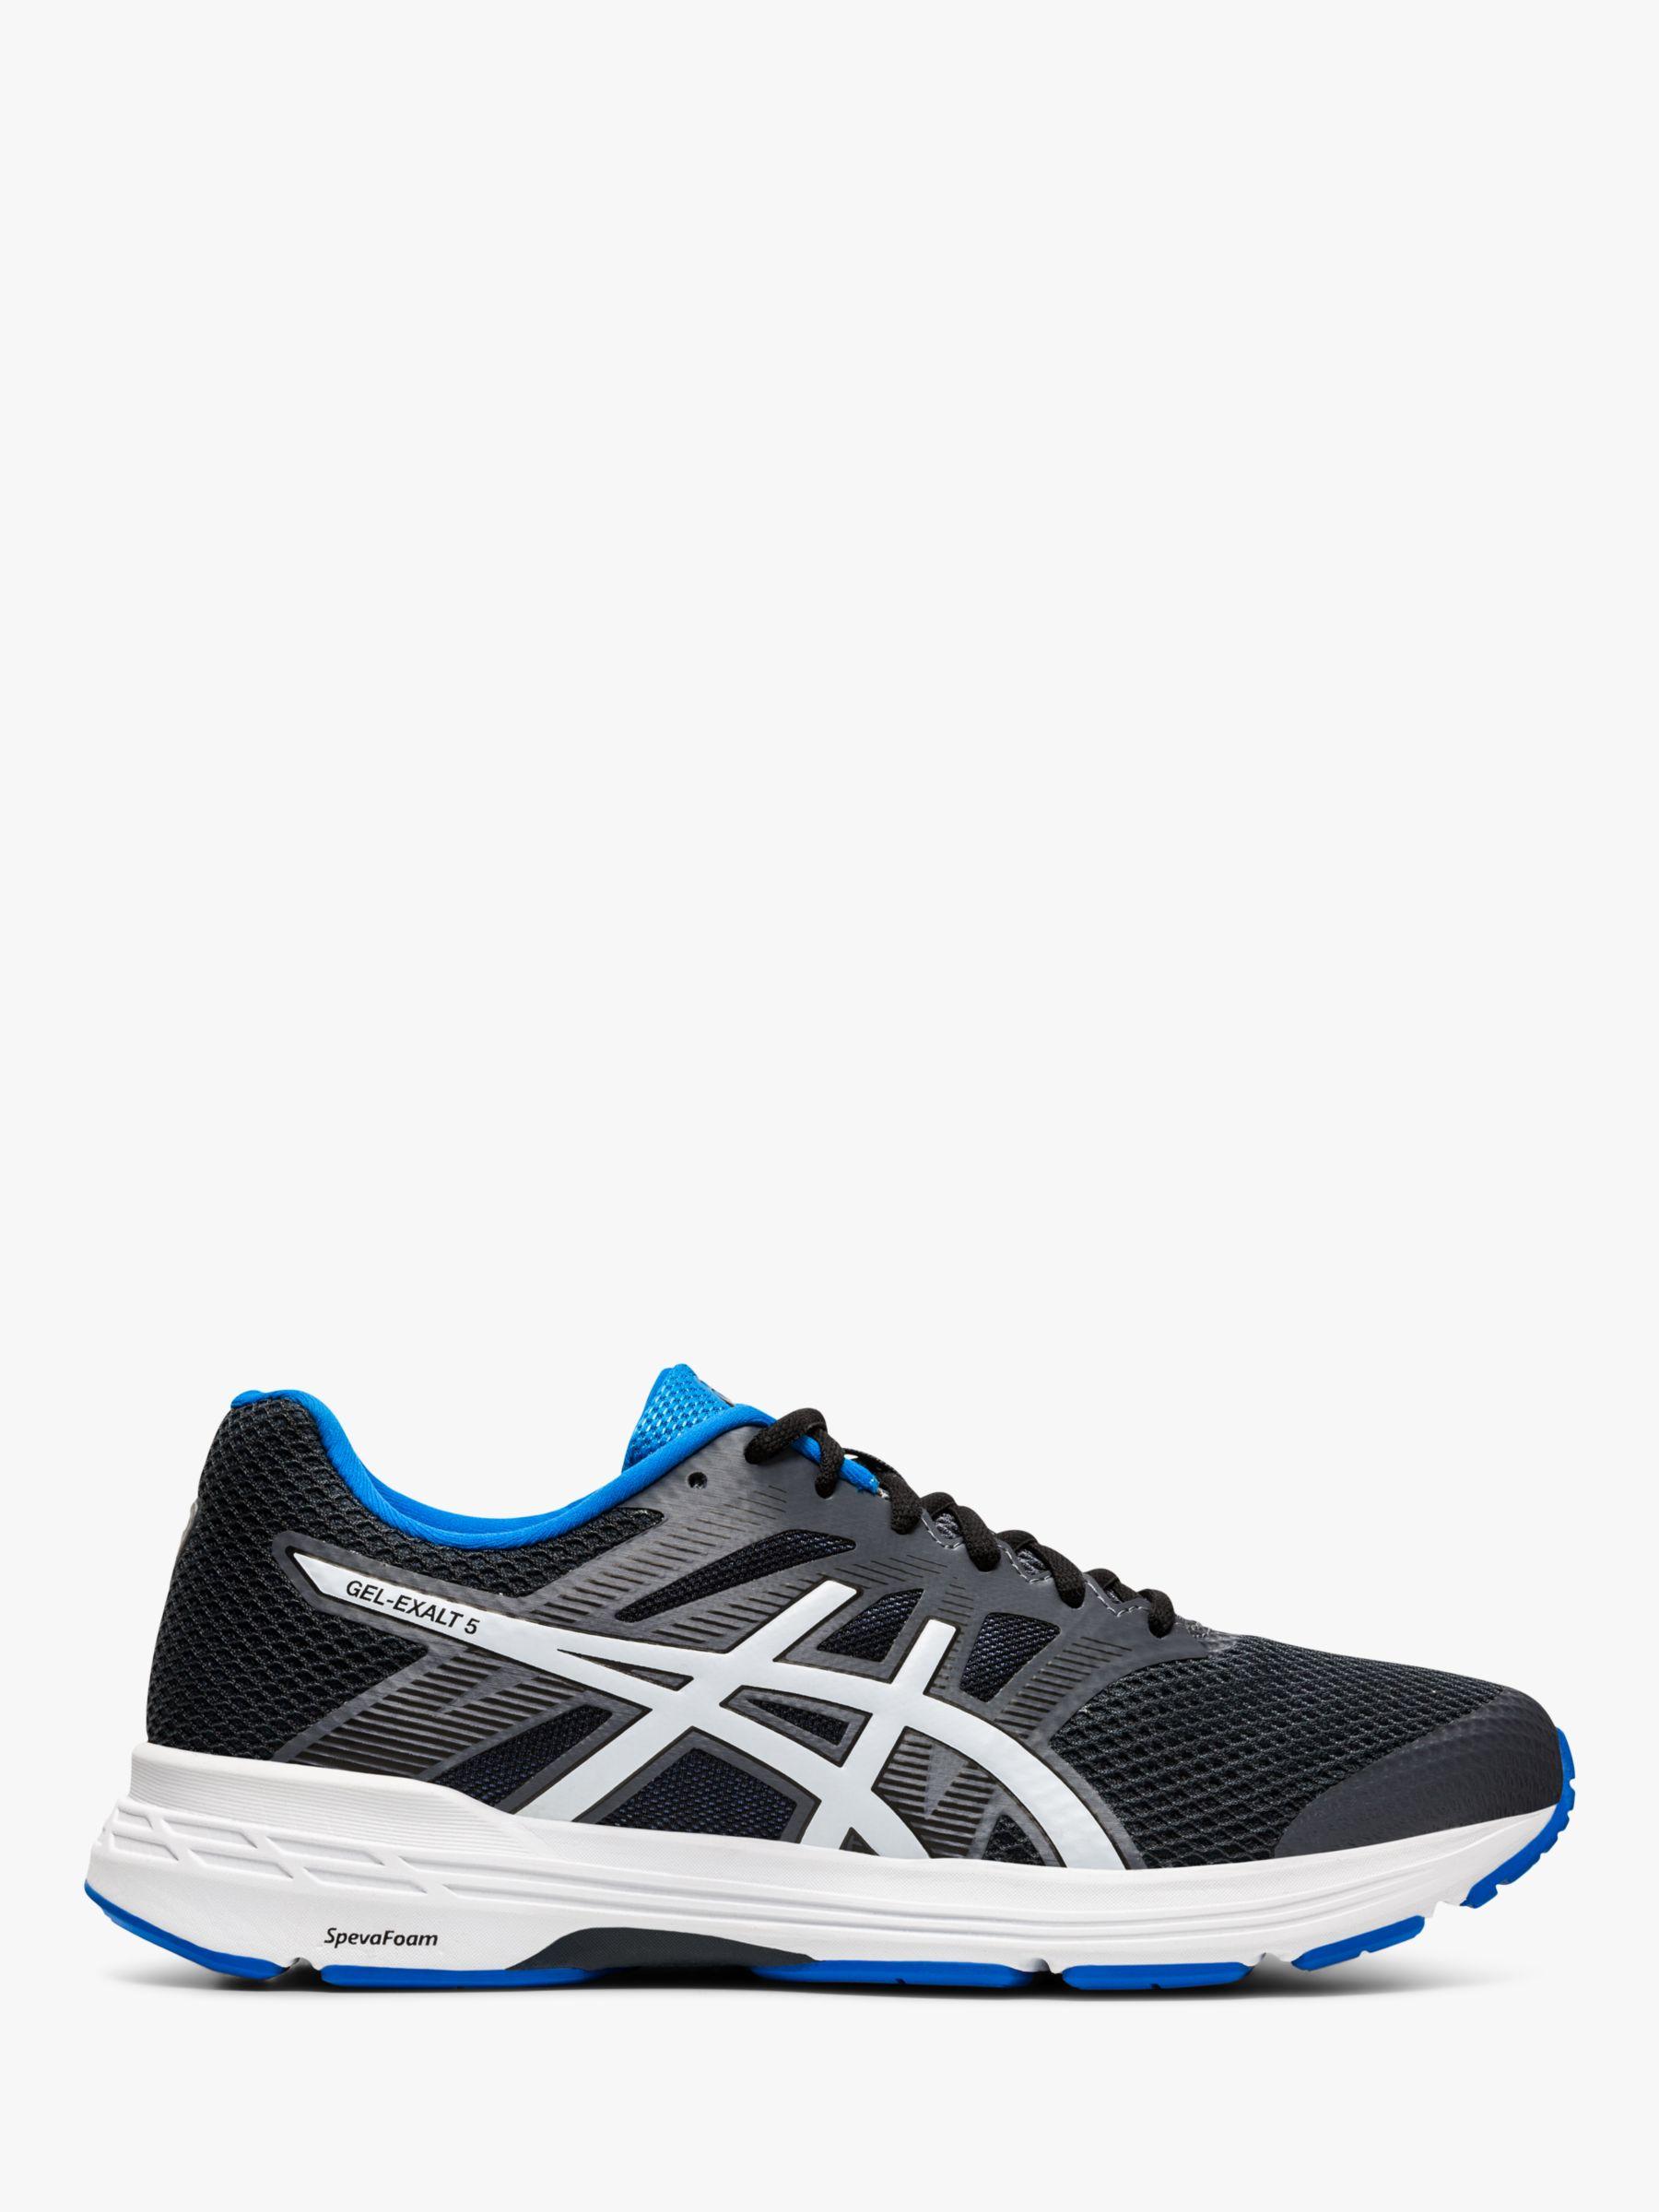 ASICS ASICS GEL-EXALT 5 Men's Running Shoes